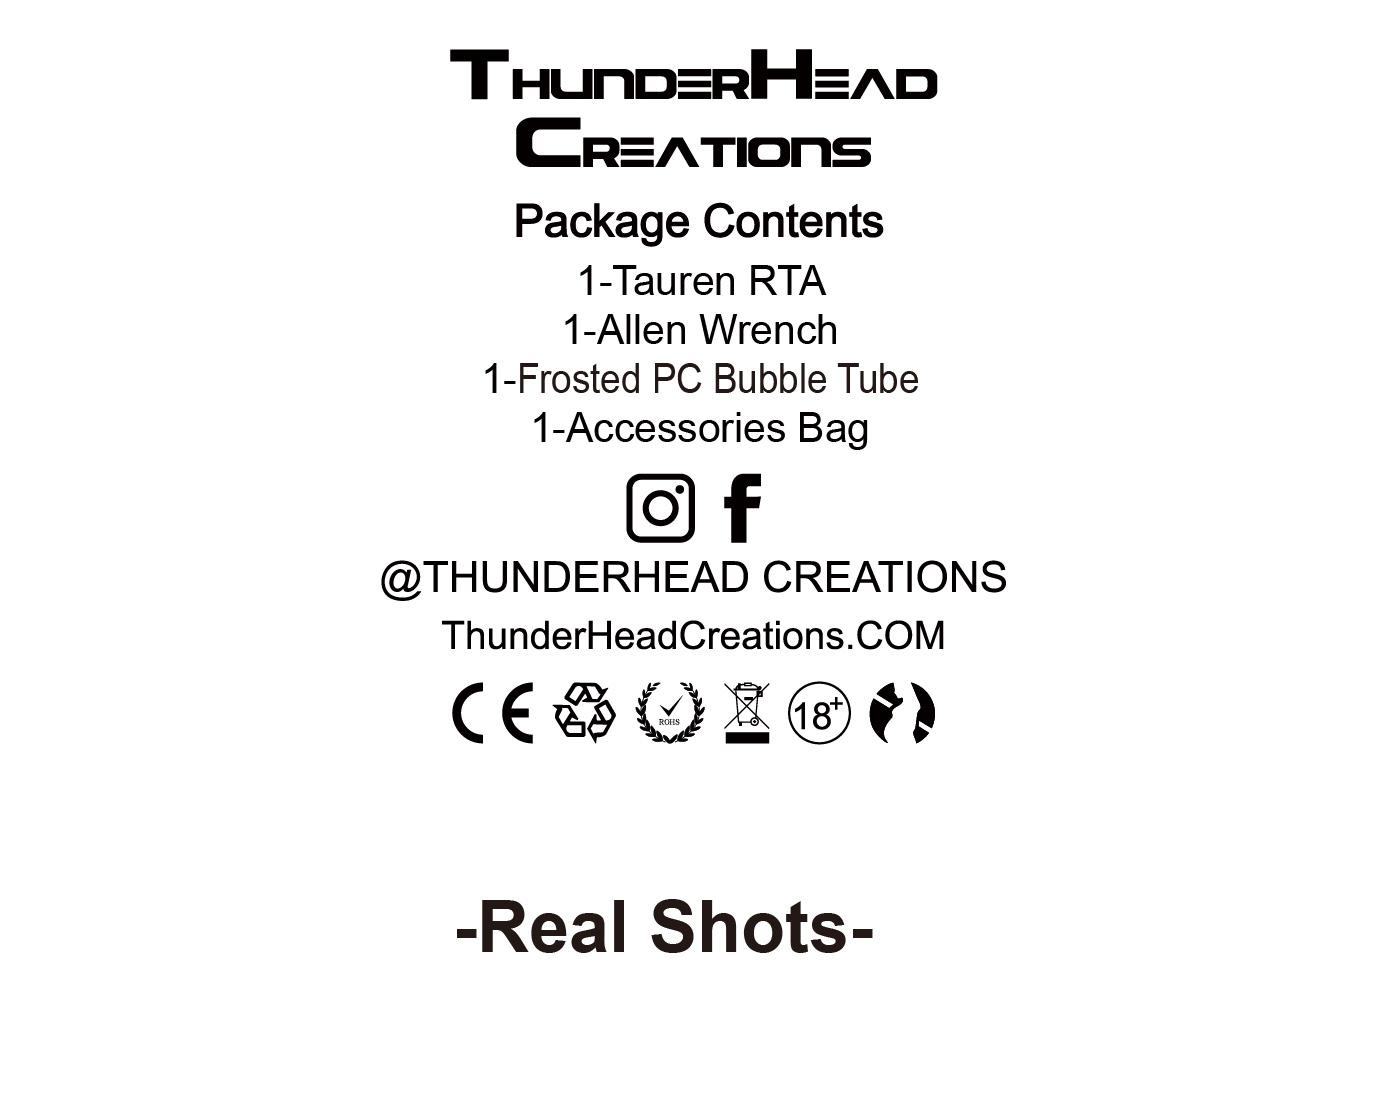 a6265e808006fb558021fb5a5578044b Thunder Head Creations Tauren RTA 2ml / 4.5ml Xsmokers